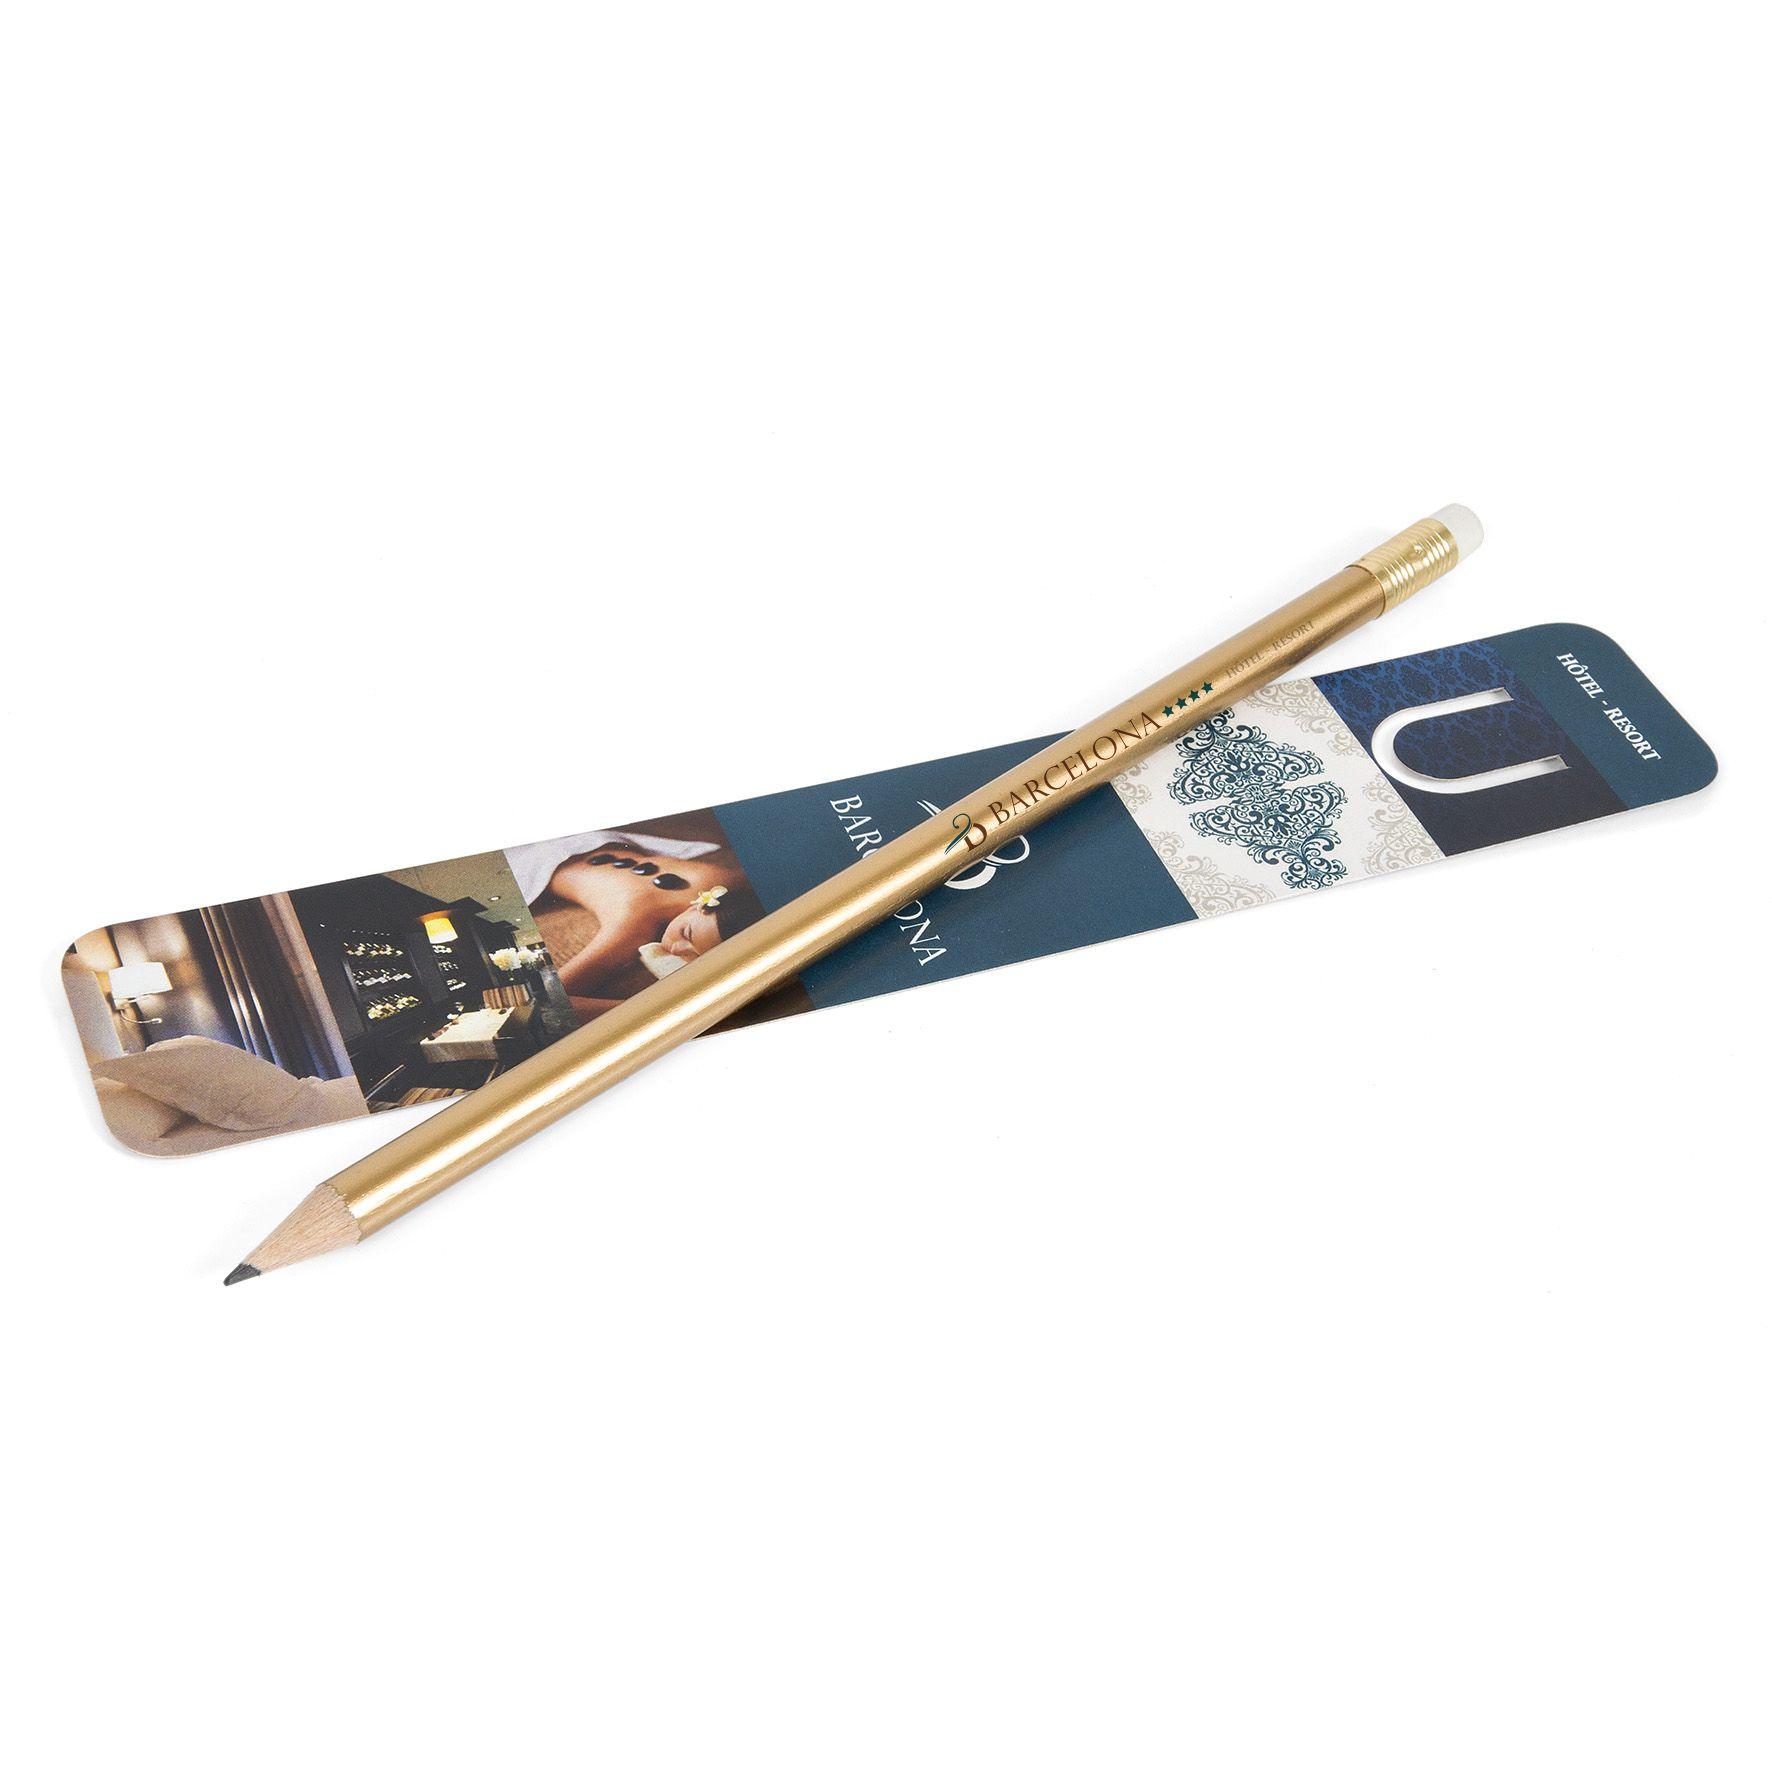 Kit de papeterie publicitaire écolo - crayon à papier pantone et marque-page quadri Panty